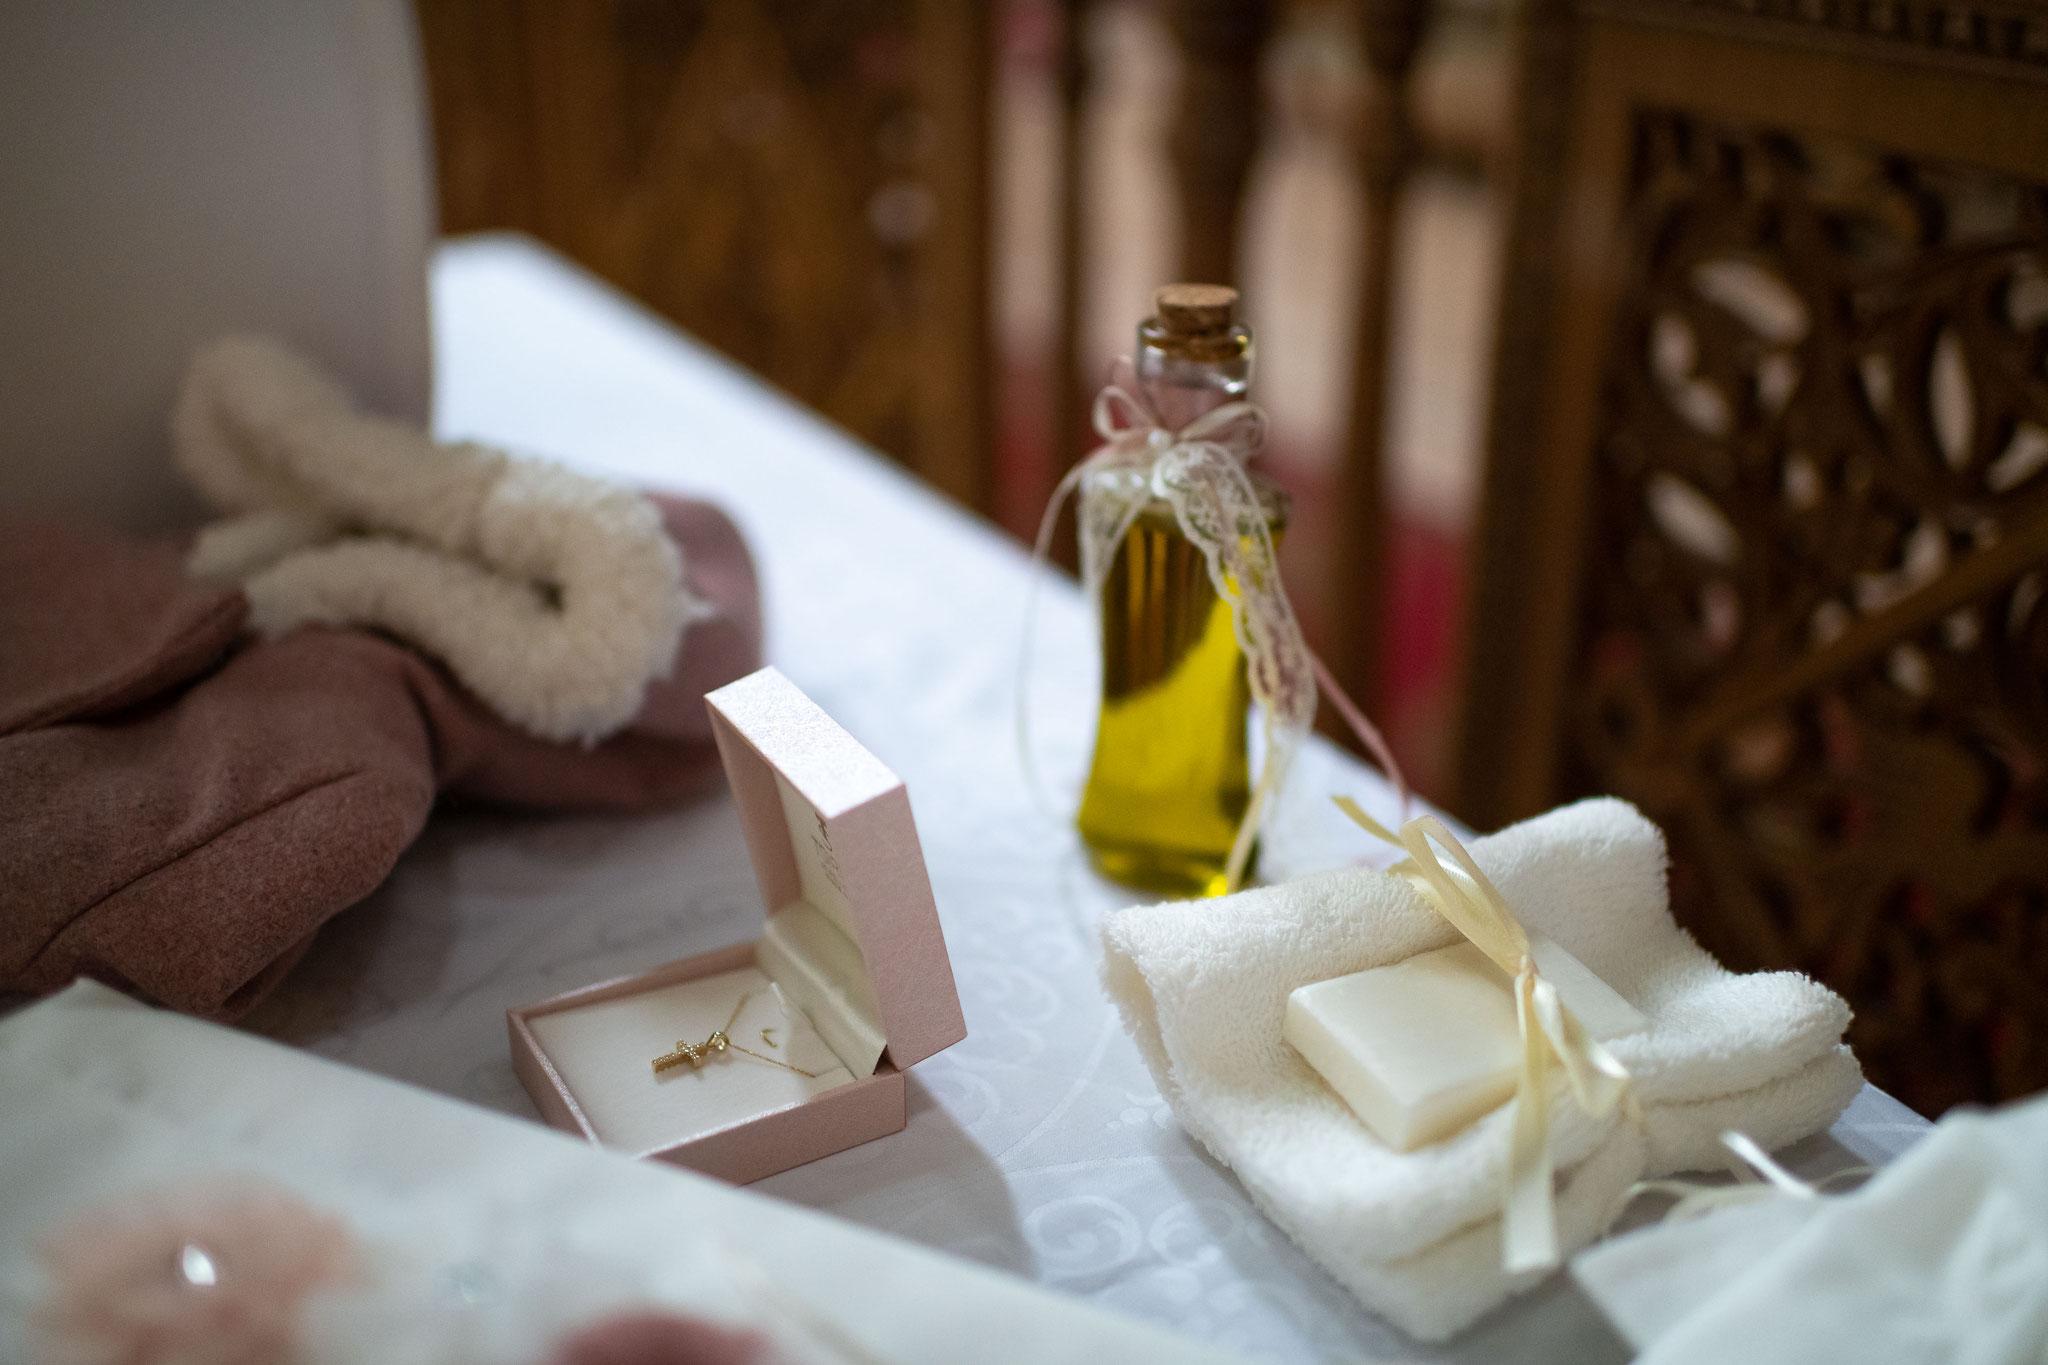 Vorbereitungen zur Taufe in der Griechisch-Orthodoxe Kirchengemeinde Mariä Verkündigung in Ludwigshafen